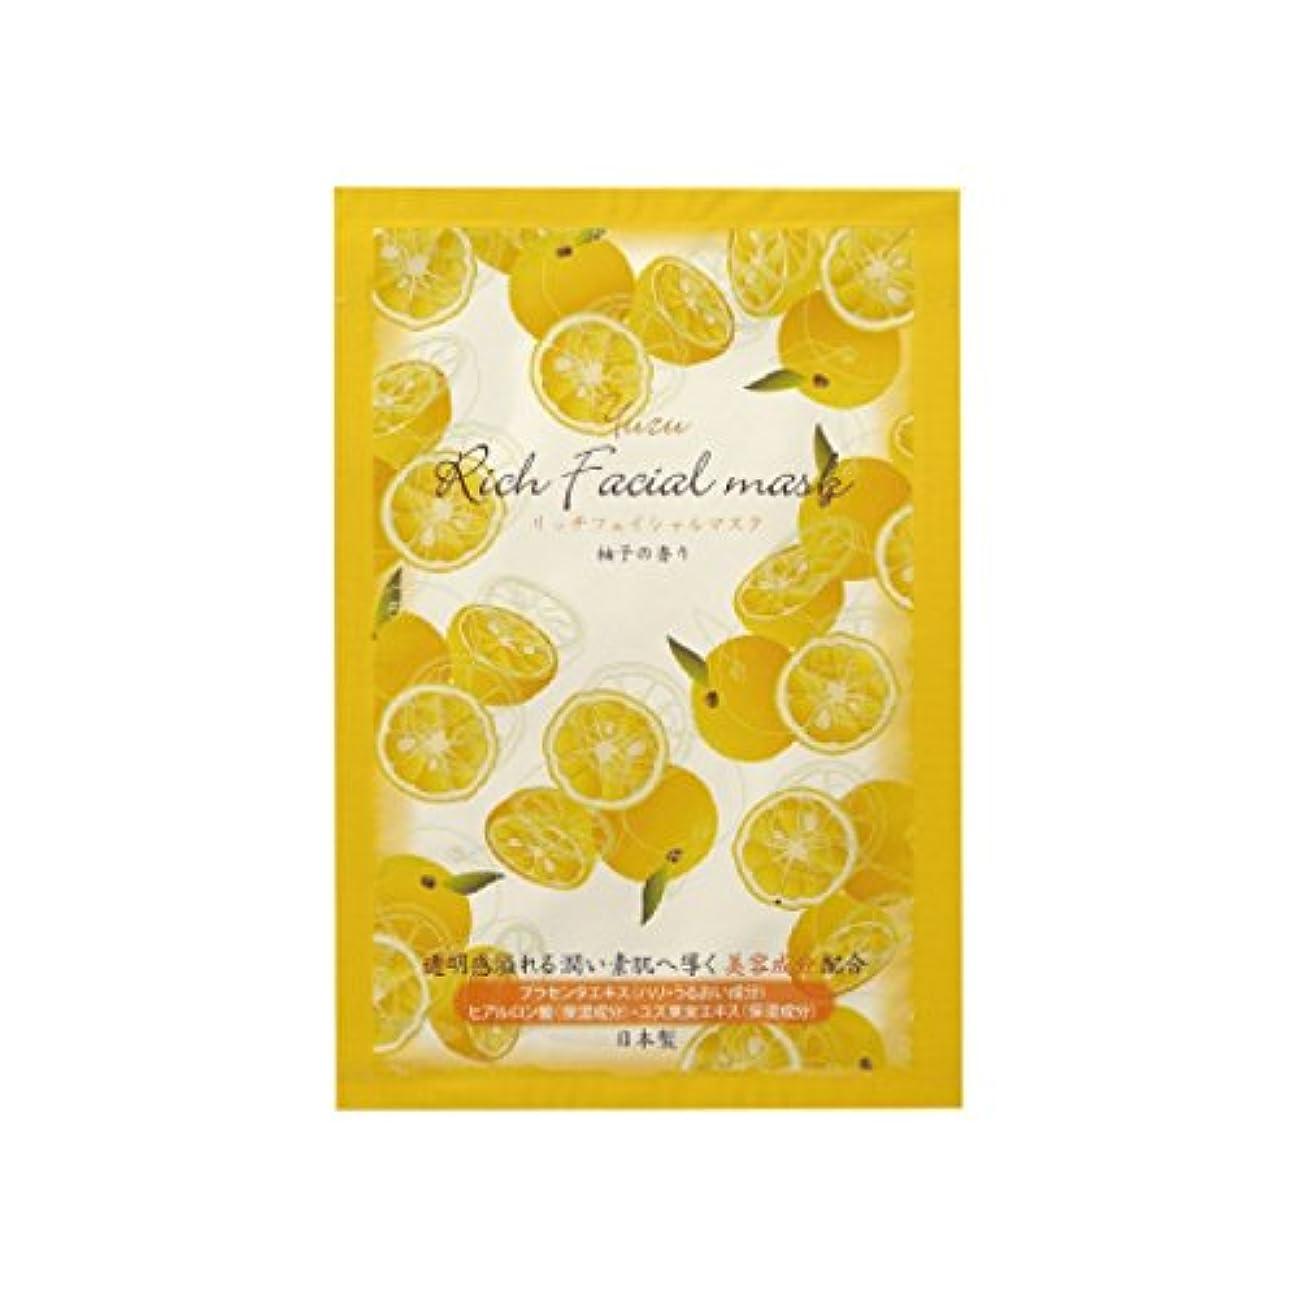 否定する傾向がある廃止リッチフェイシャルマスク 柚子の香り 10枚